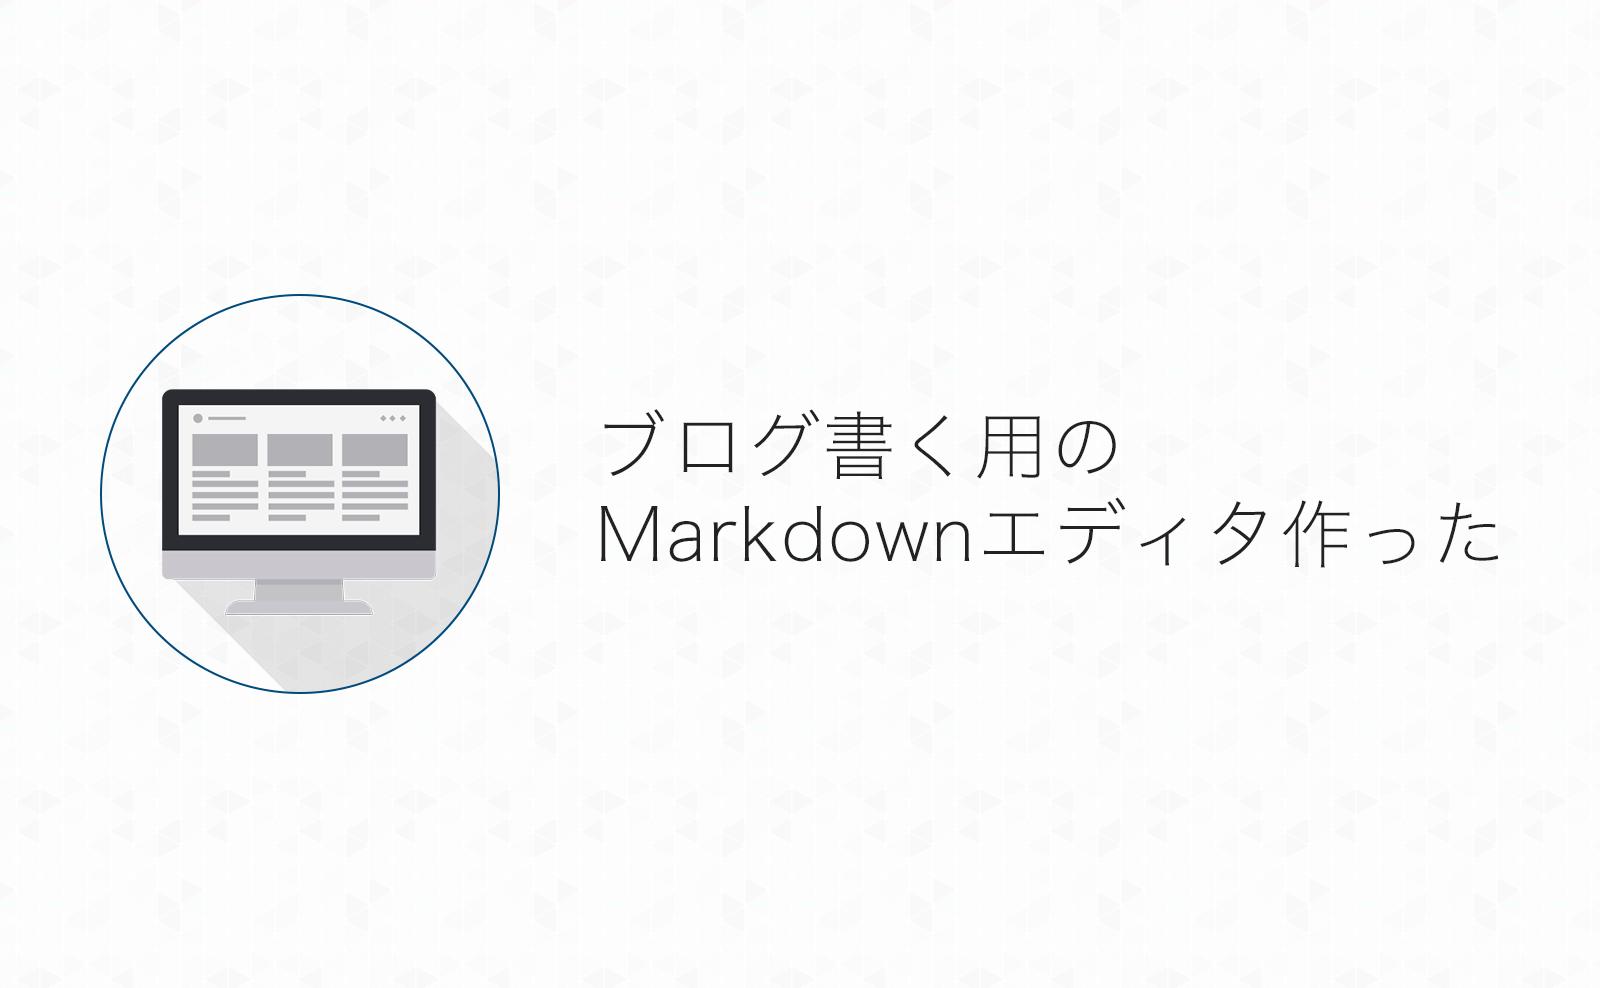 Markdownで書いてHTMLに変換してブログ投稿する人(俺)に嬉しいMarkdownエディタ作った